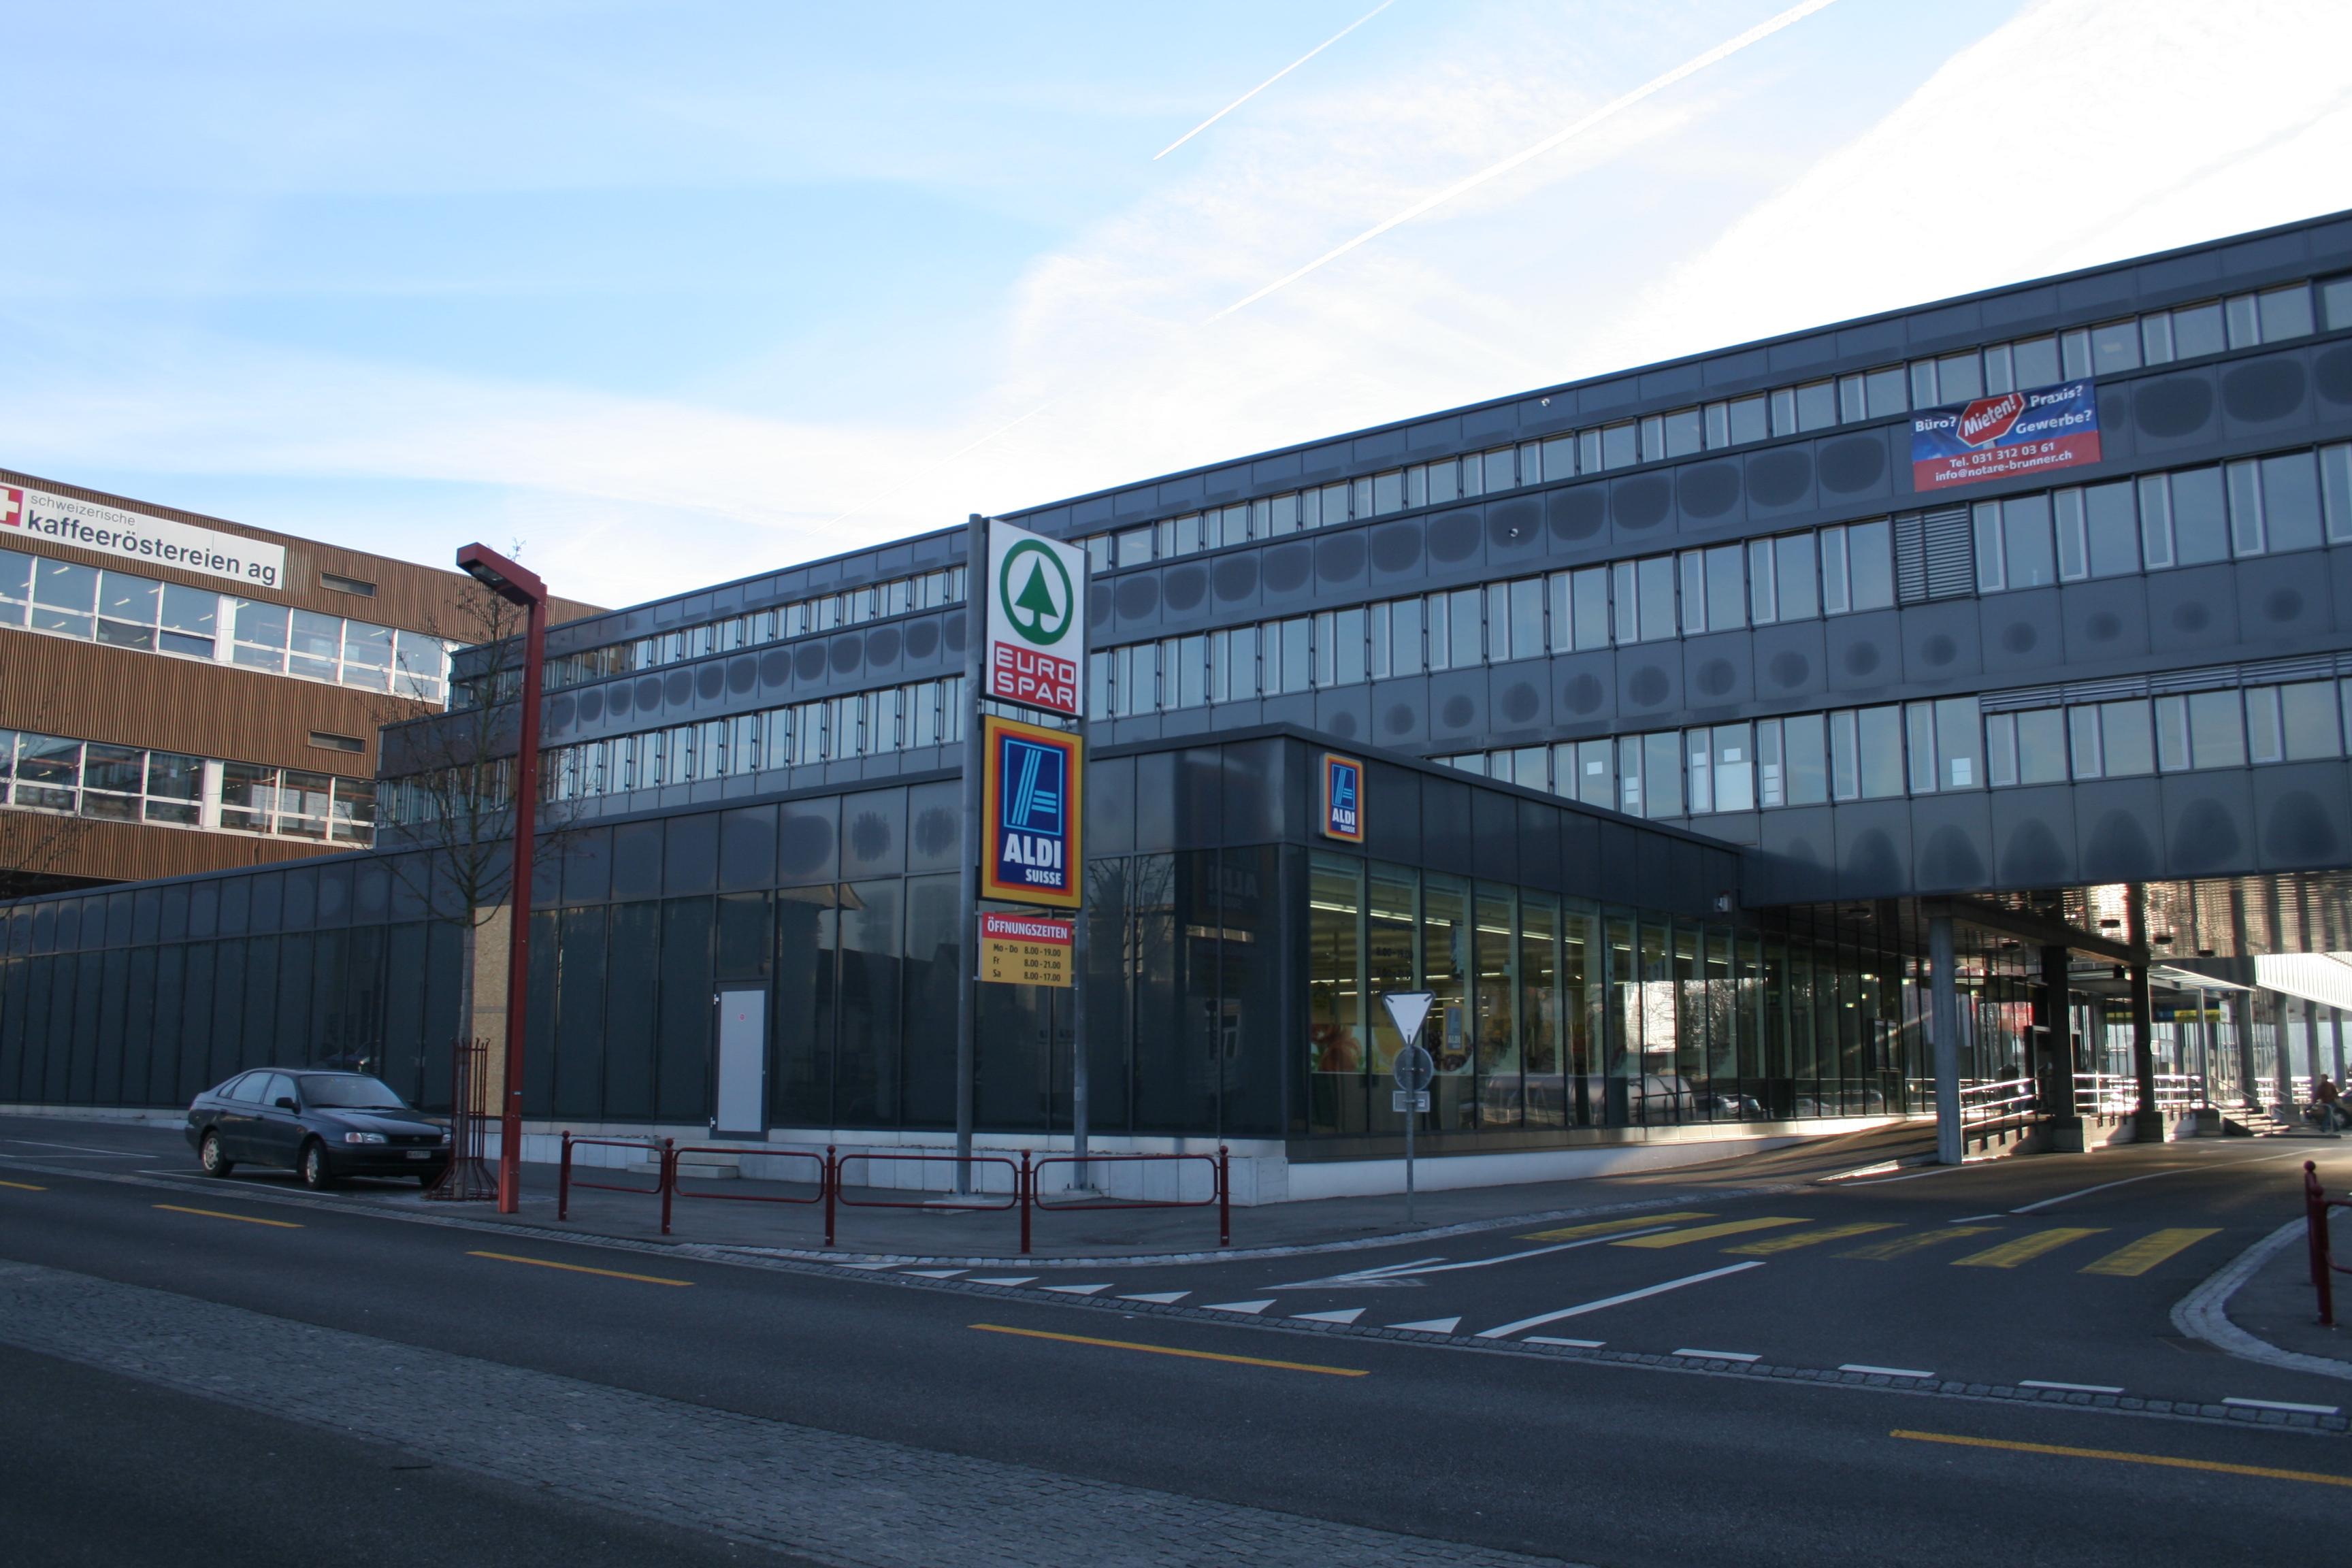 ALDI Zollikofen